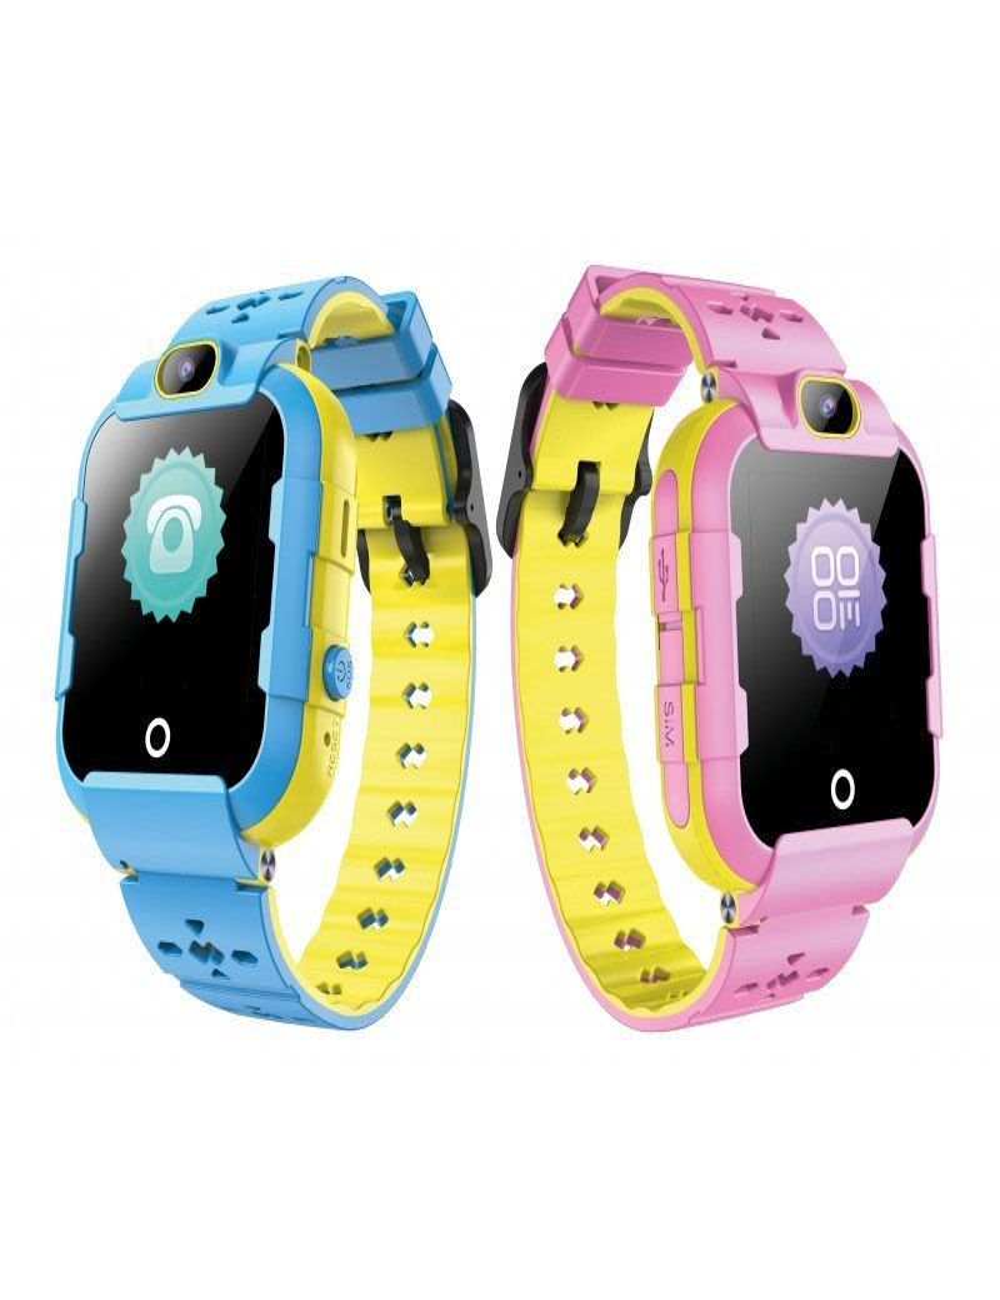 Reloj Smartwatch DCU 2G Niños Rosa IP67 Sumergible 34159000